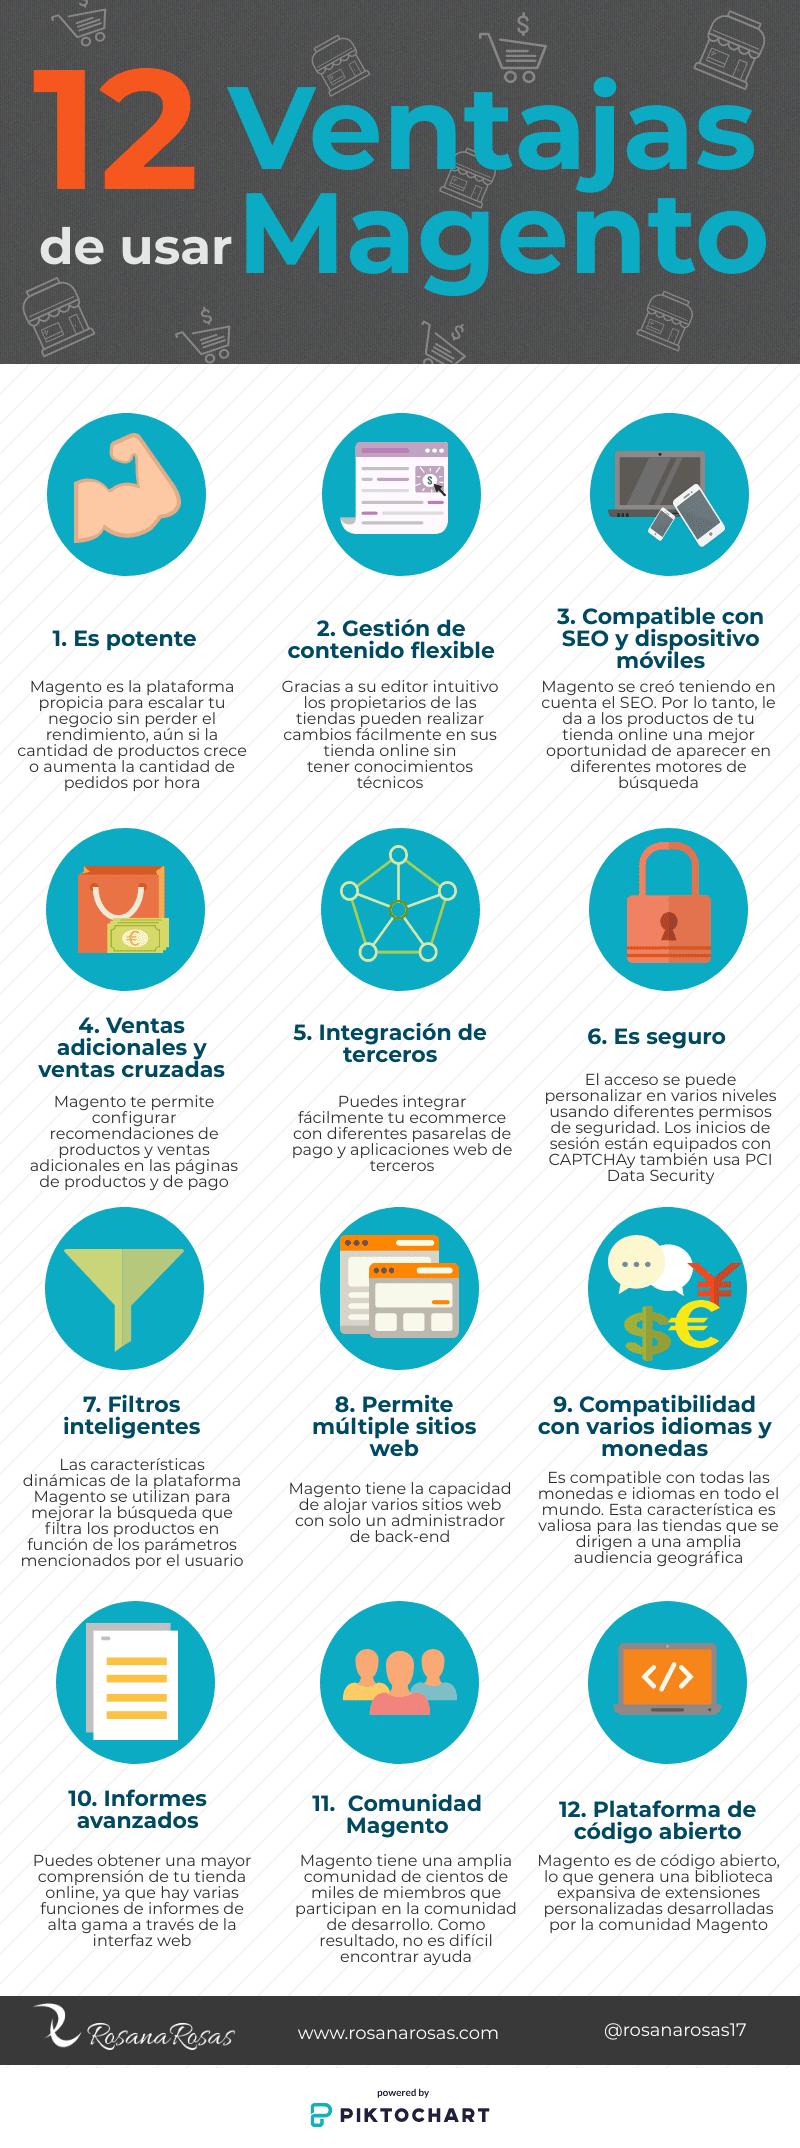 12 ventajas de usar Magento #infografia #infogrpahic #ecommerce